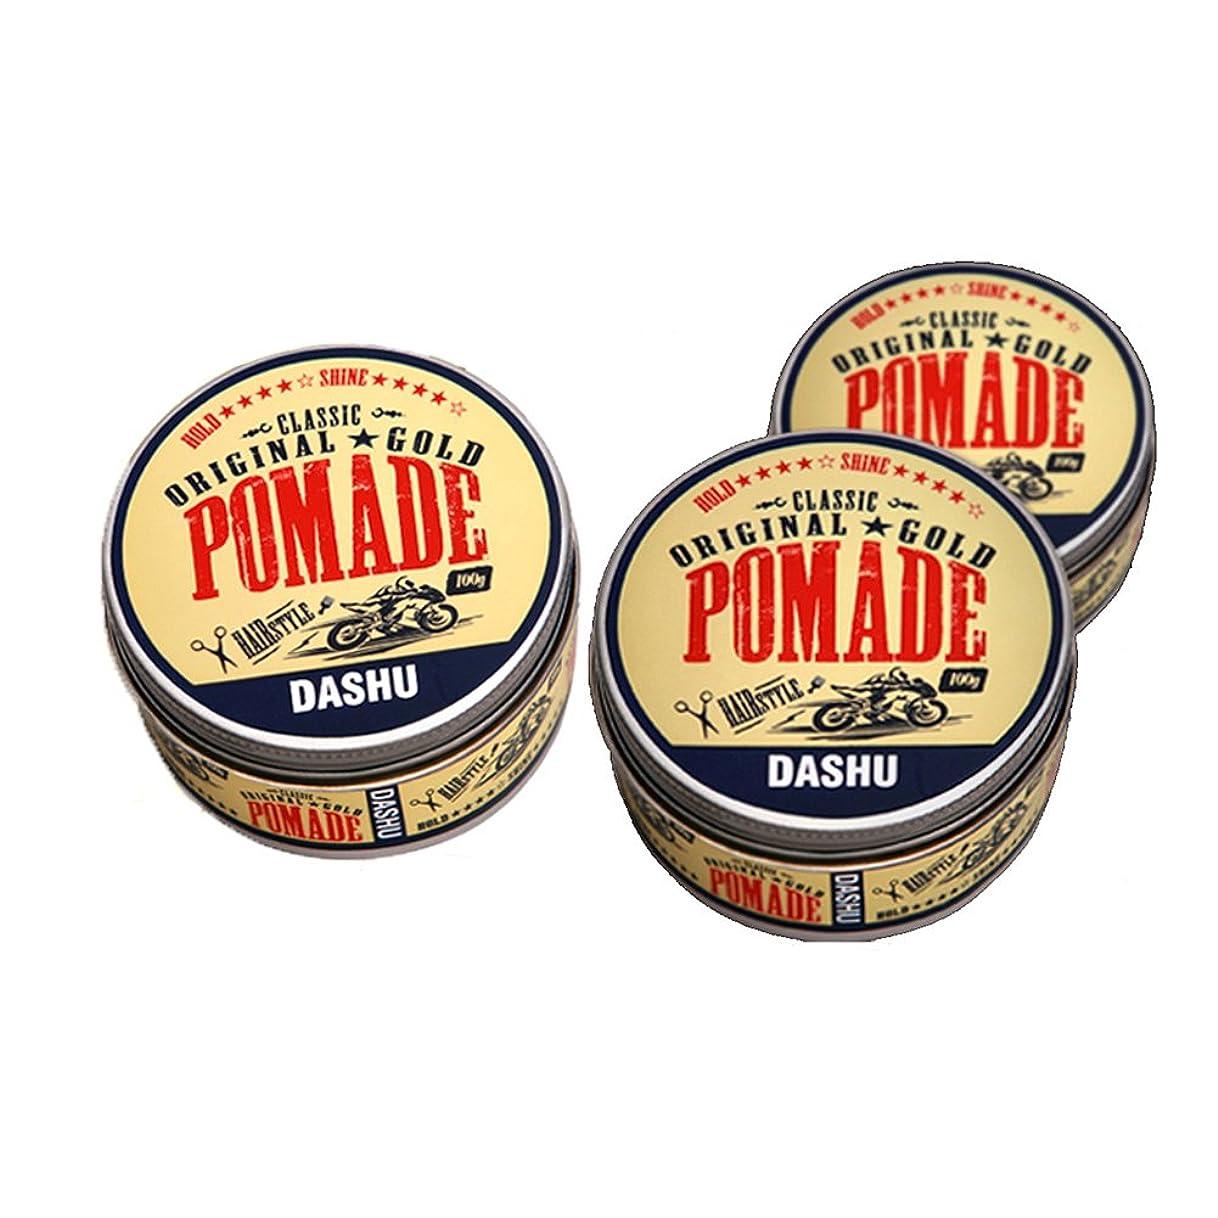 野ウサギ反響する発明(3個セット) x [DASHU] ダシュ クラシックオリジナルゴールドポマードヘアワックス Classic Original Gold Pomade Hair Wax 100ml / 韓国製 . 韓国直送品